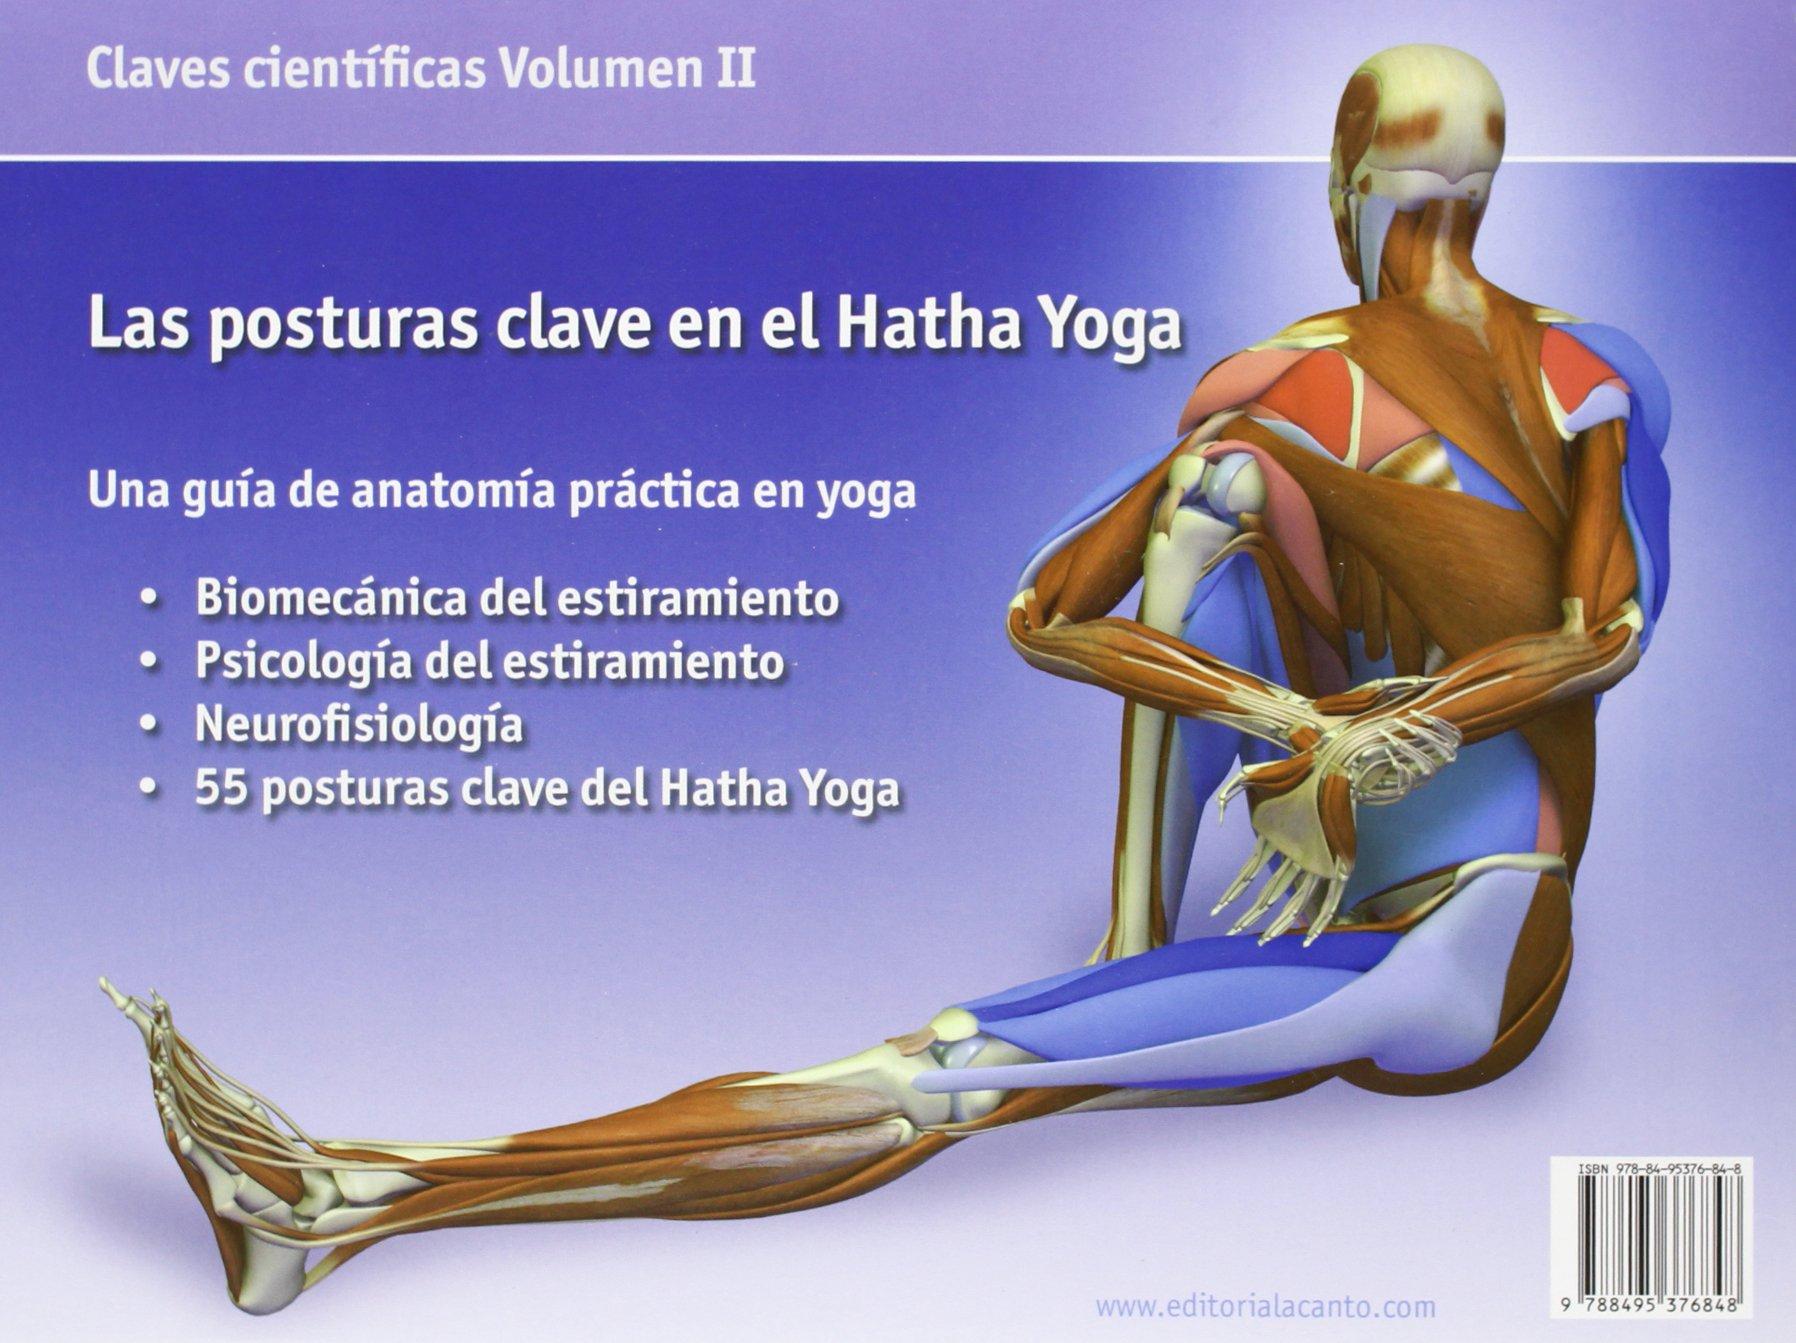 Las posturas clave en el Hatha Yoga: Ray Long: 9788495376848 ...